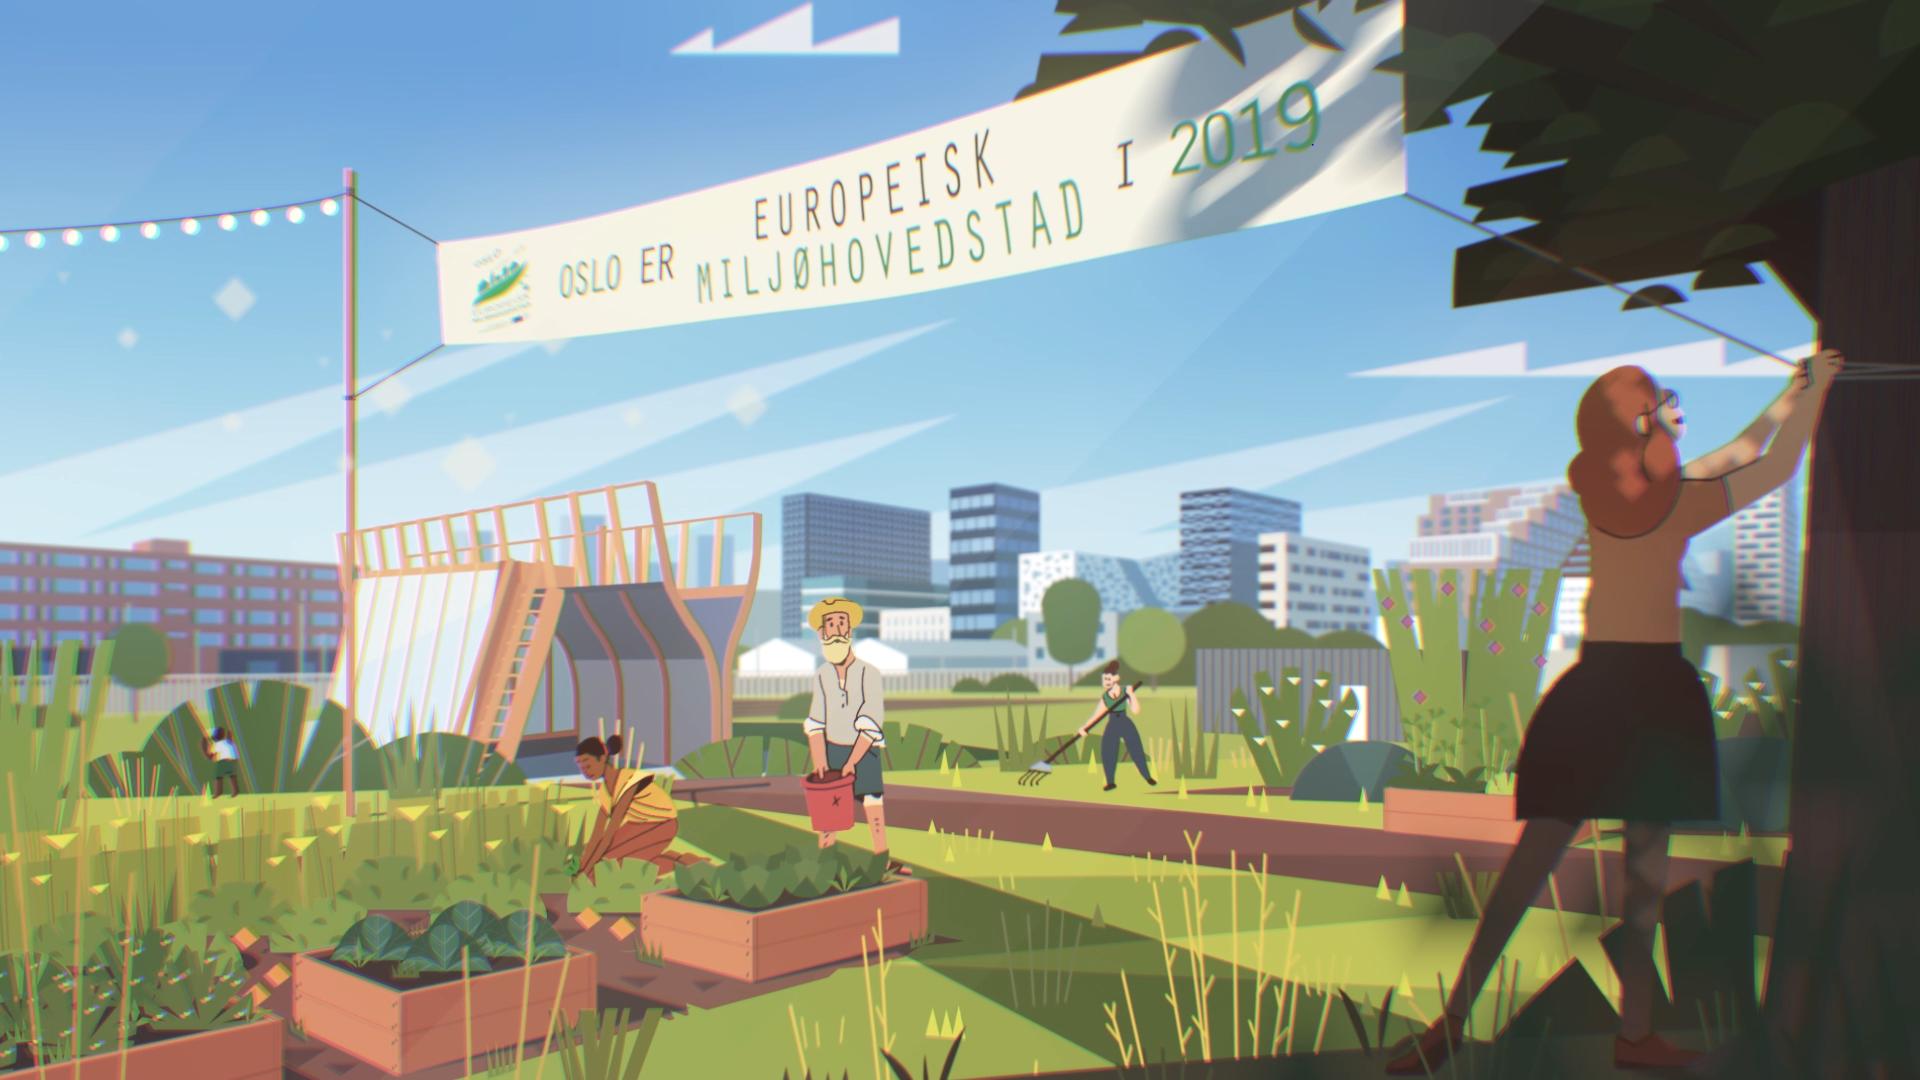 Oslo Miljøhovedstad